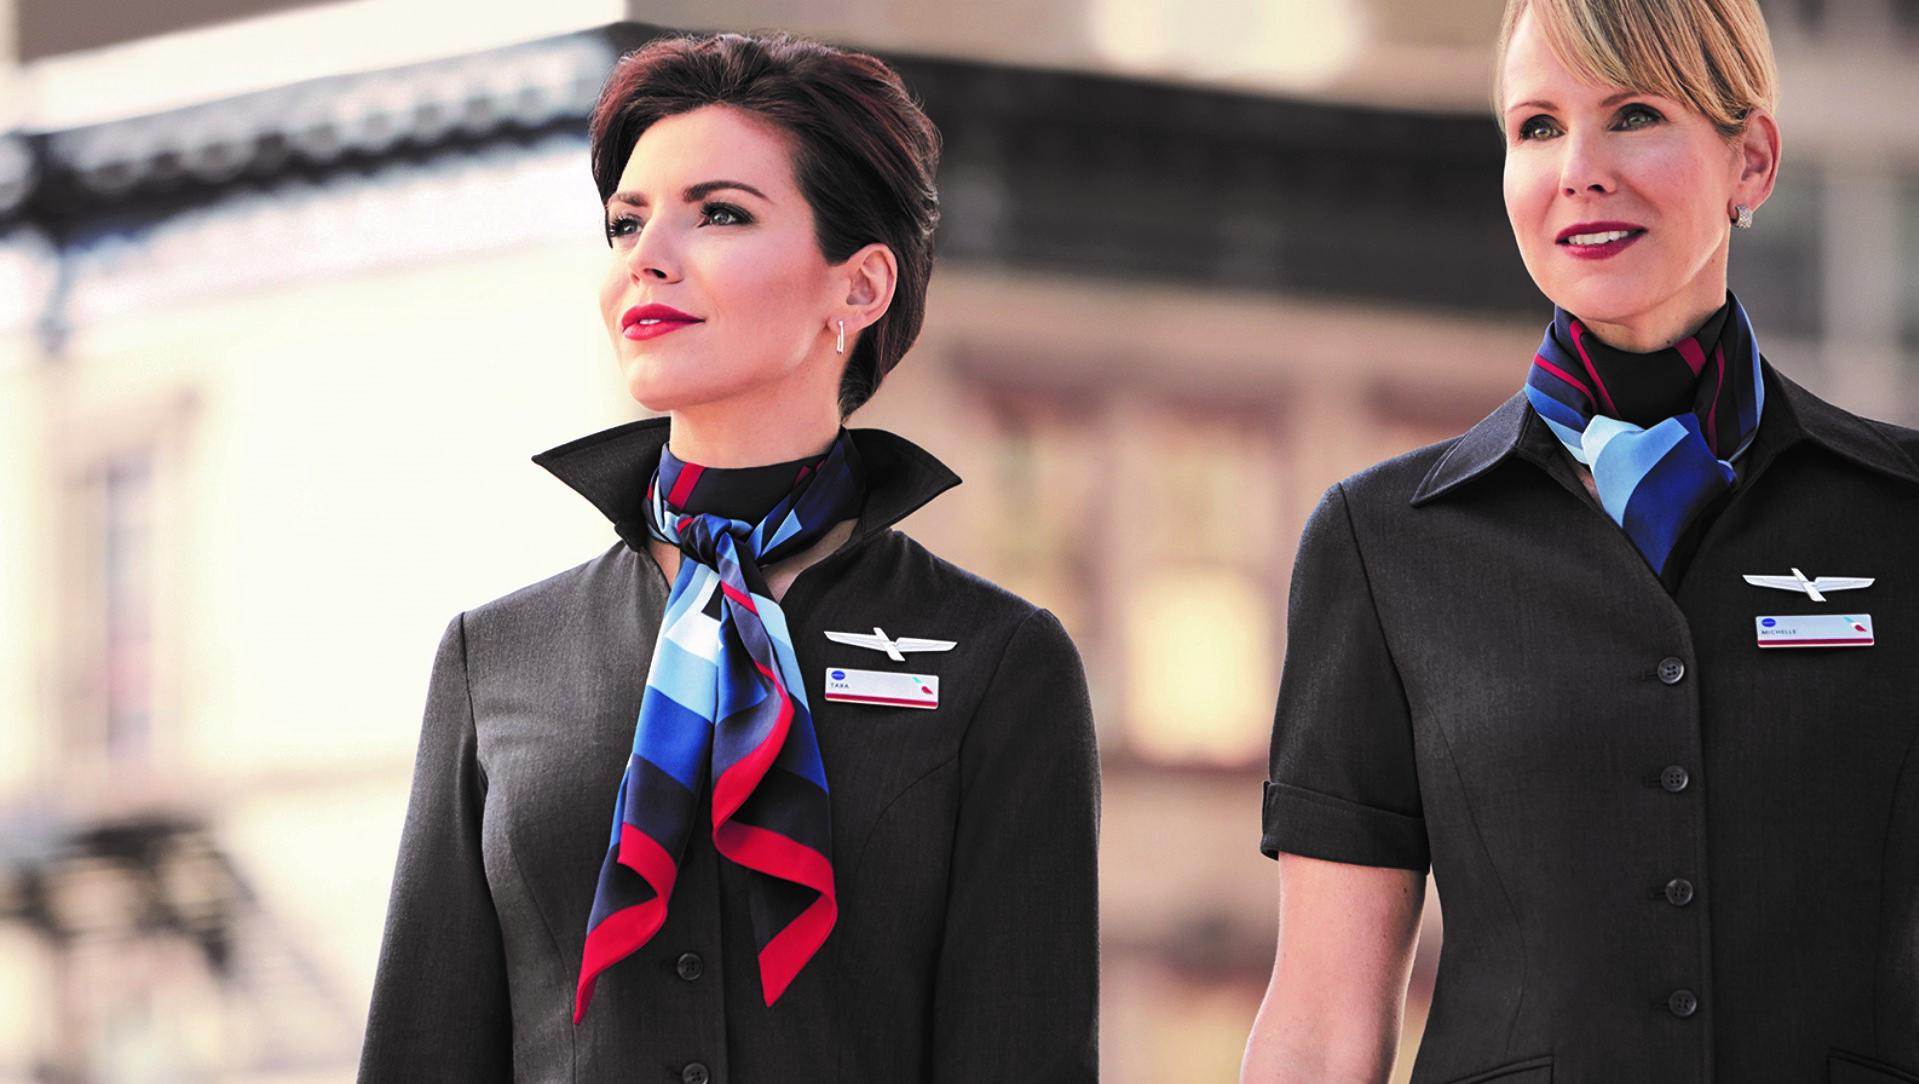 Los nuevos uniformes de American Airlines